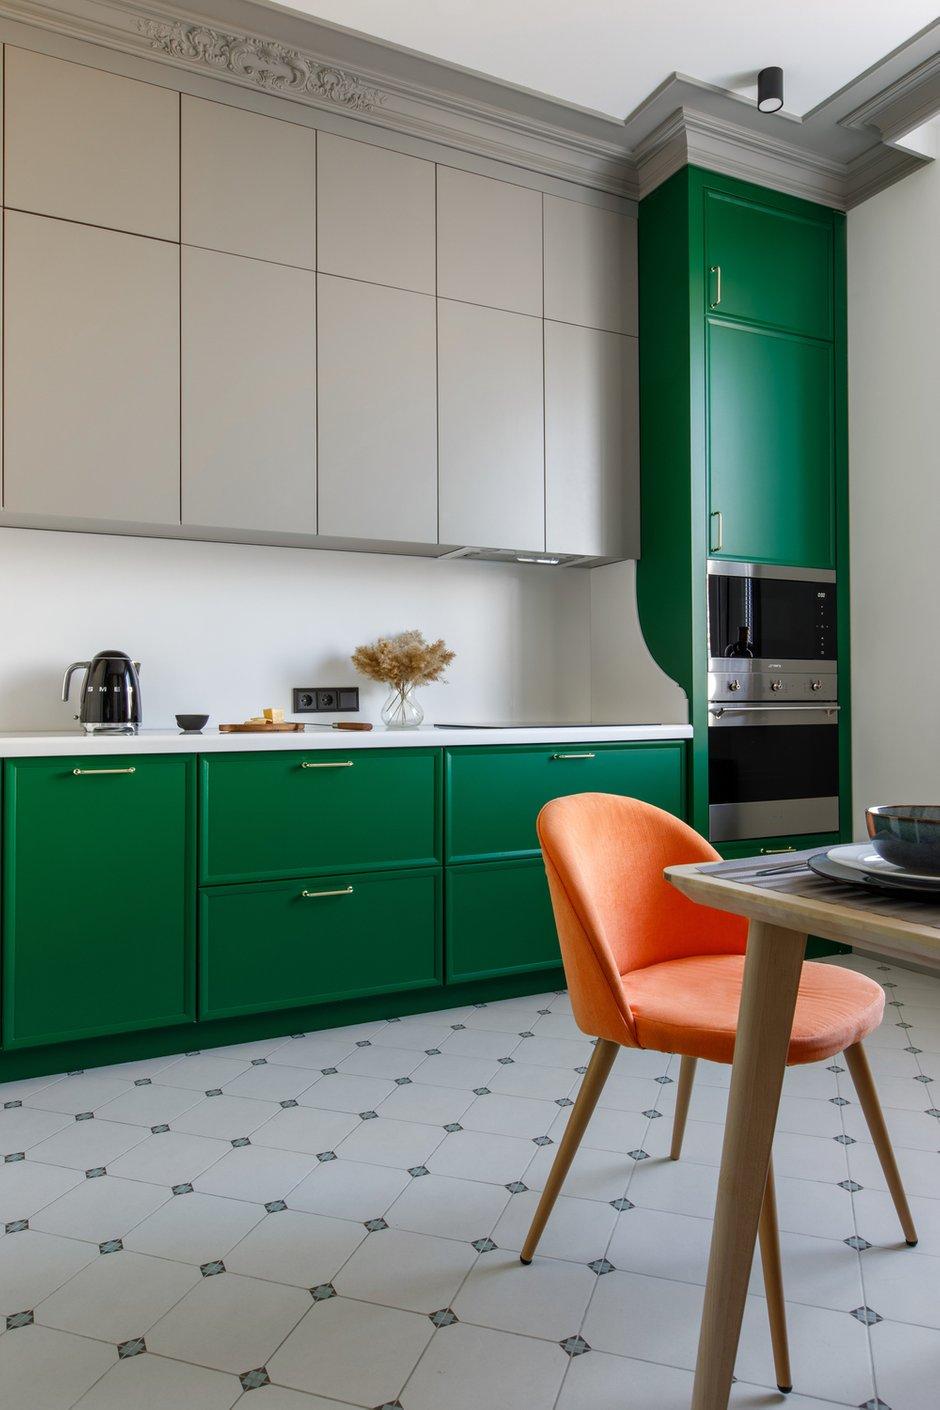 Фасады кухни выкрашены в один цвет с карнизами и плинтусами.